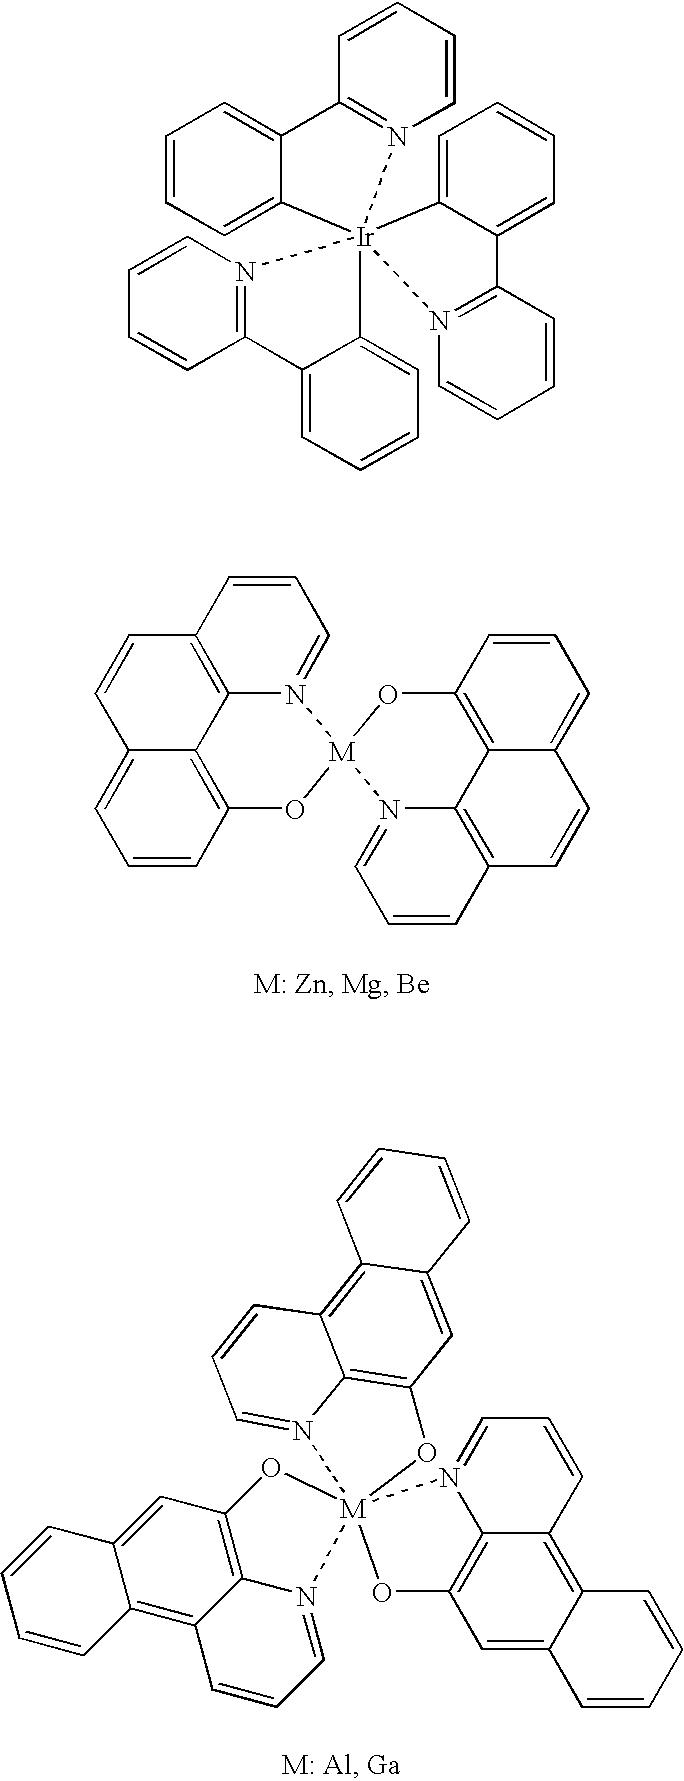 Figure US20060068221A1-20060330-C00361